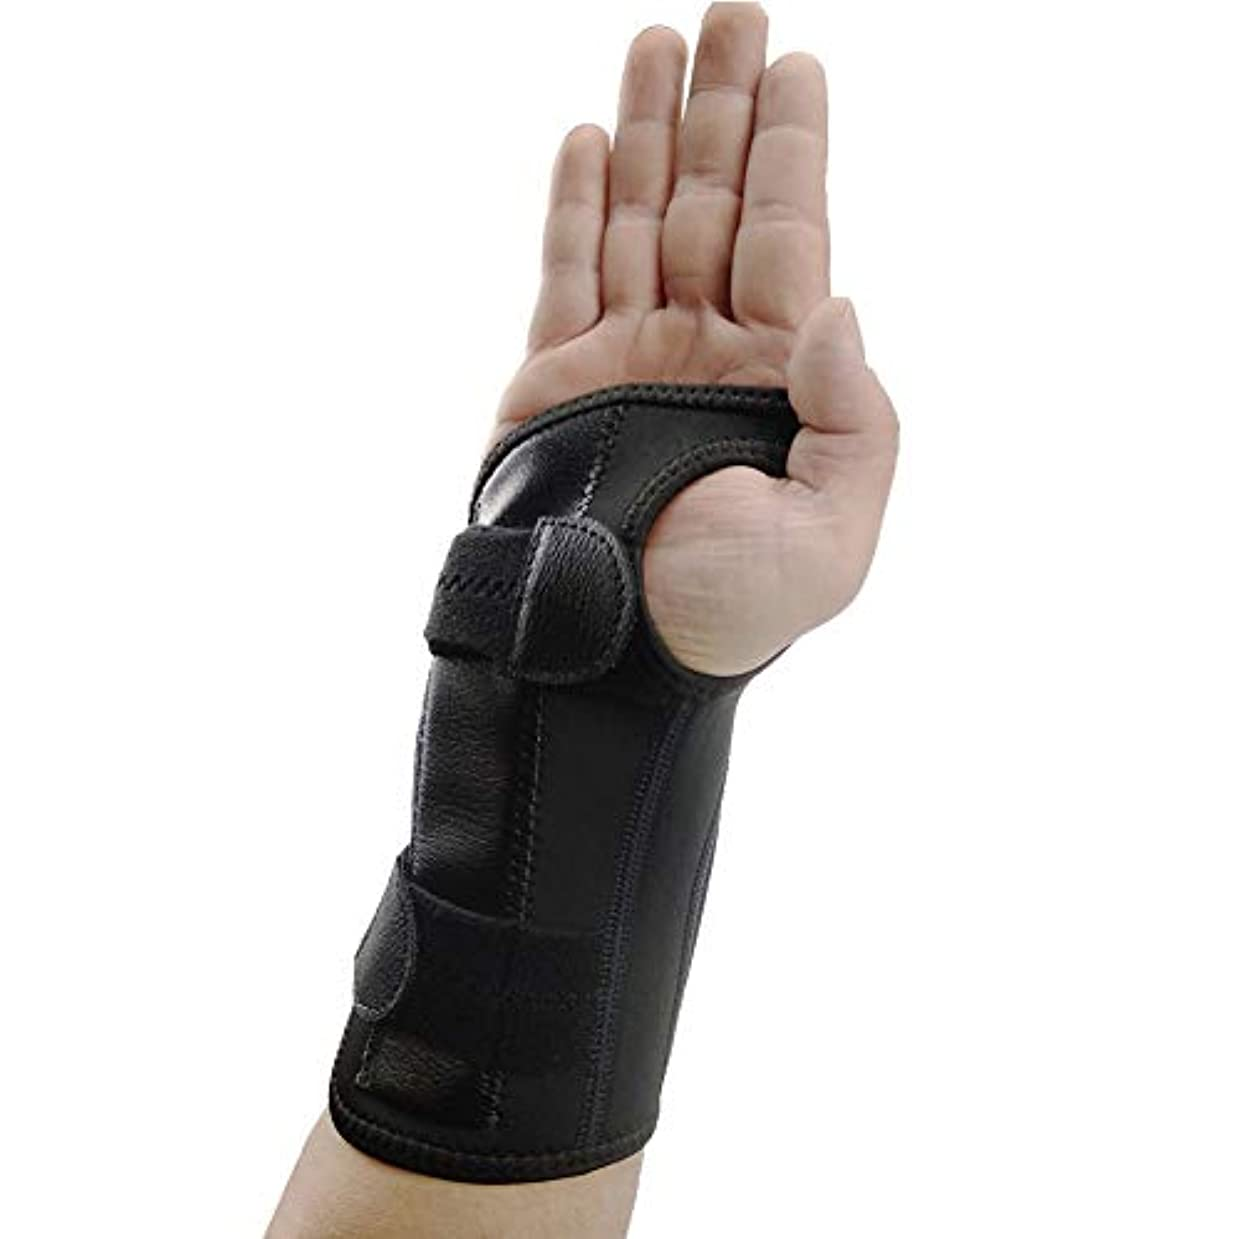 打ち負かす湿った位置する腱炎、関節炎、捻挫&破壊前腕サポートキャストのための手首の親指スプリント、スタビライザーのための親指のスプリントと手首ブレース